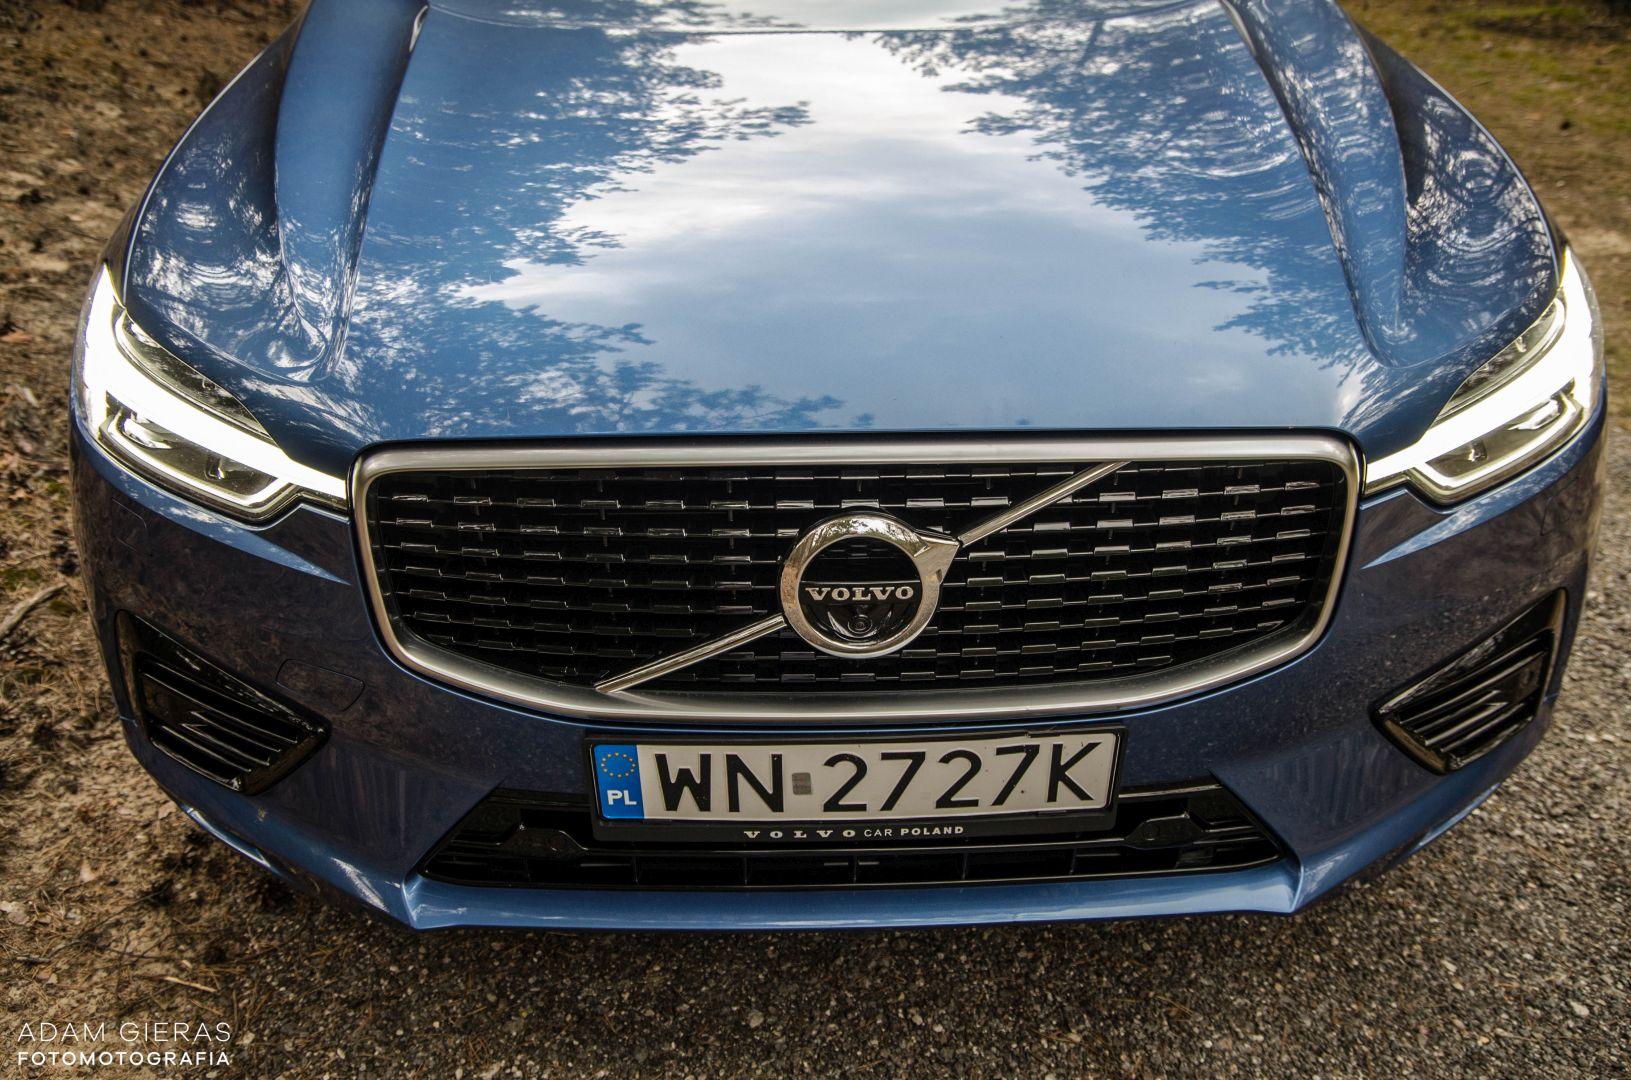 xc60 t8 25 Test: Volvo XC60 T8 R Design   czy taka hybryda w ogóle ma sens?